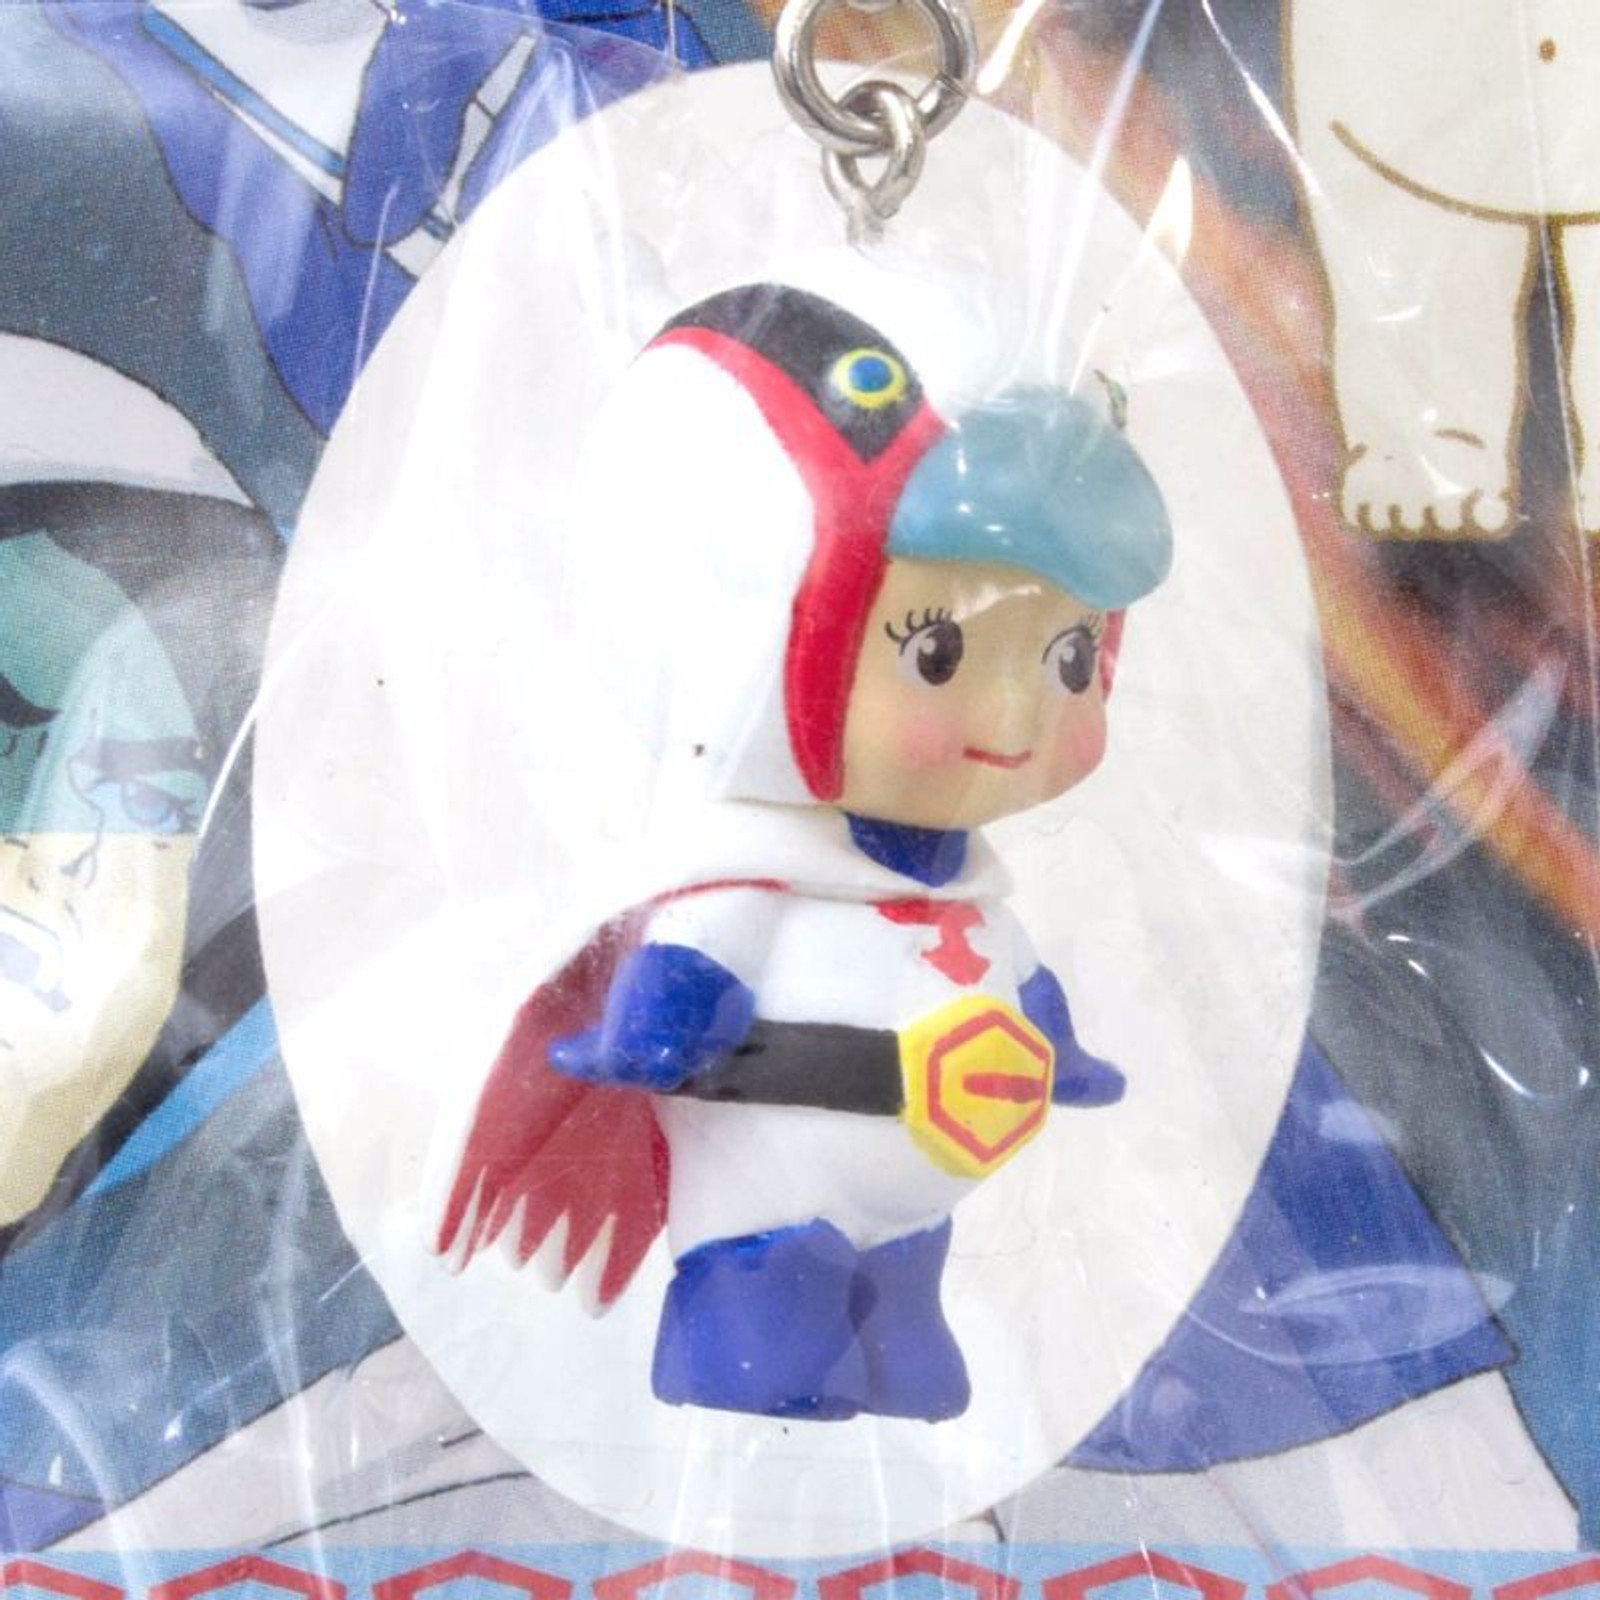 Gatchaman Rose O'neill Kewpie Kewsion Figure Strap JAPAN ANIME